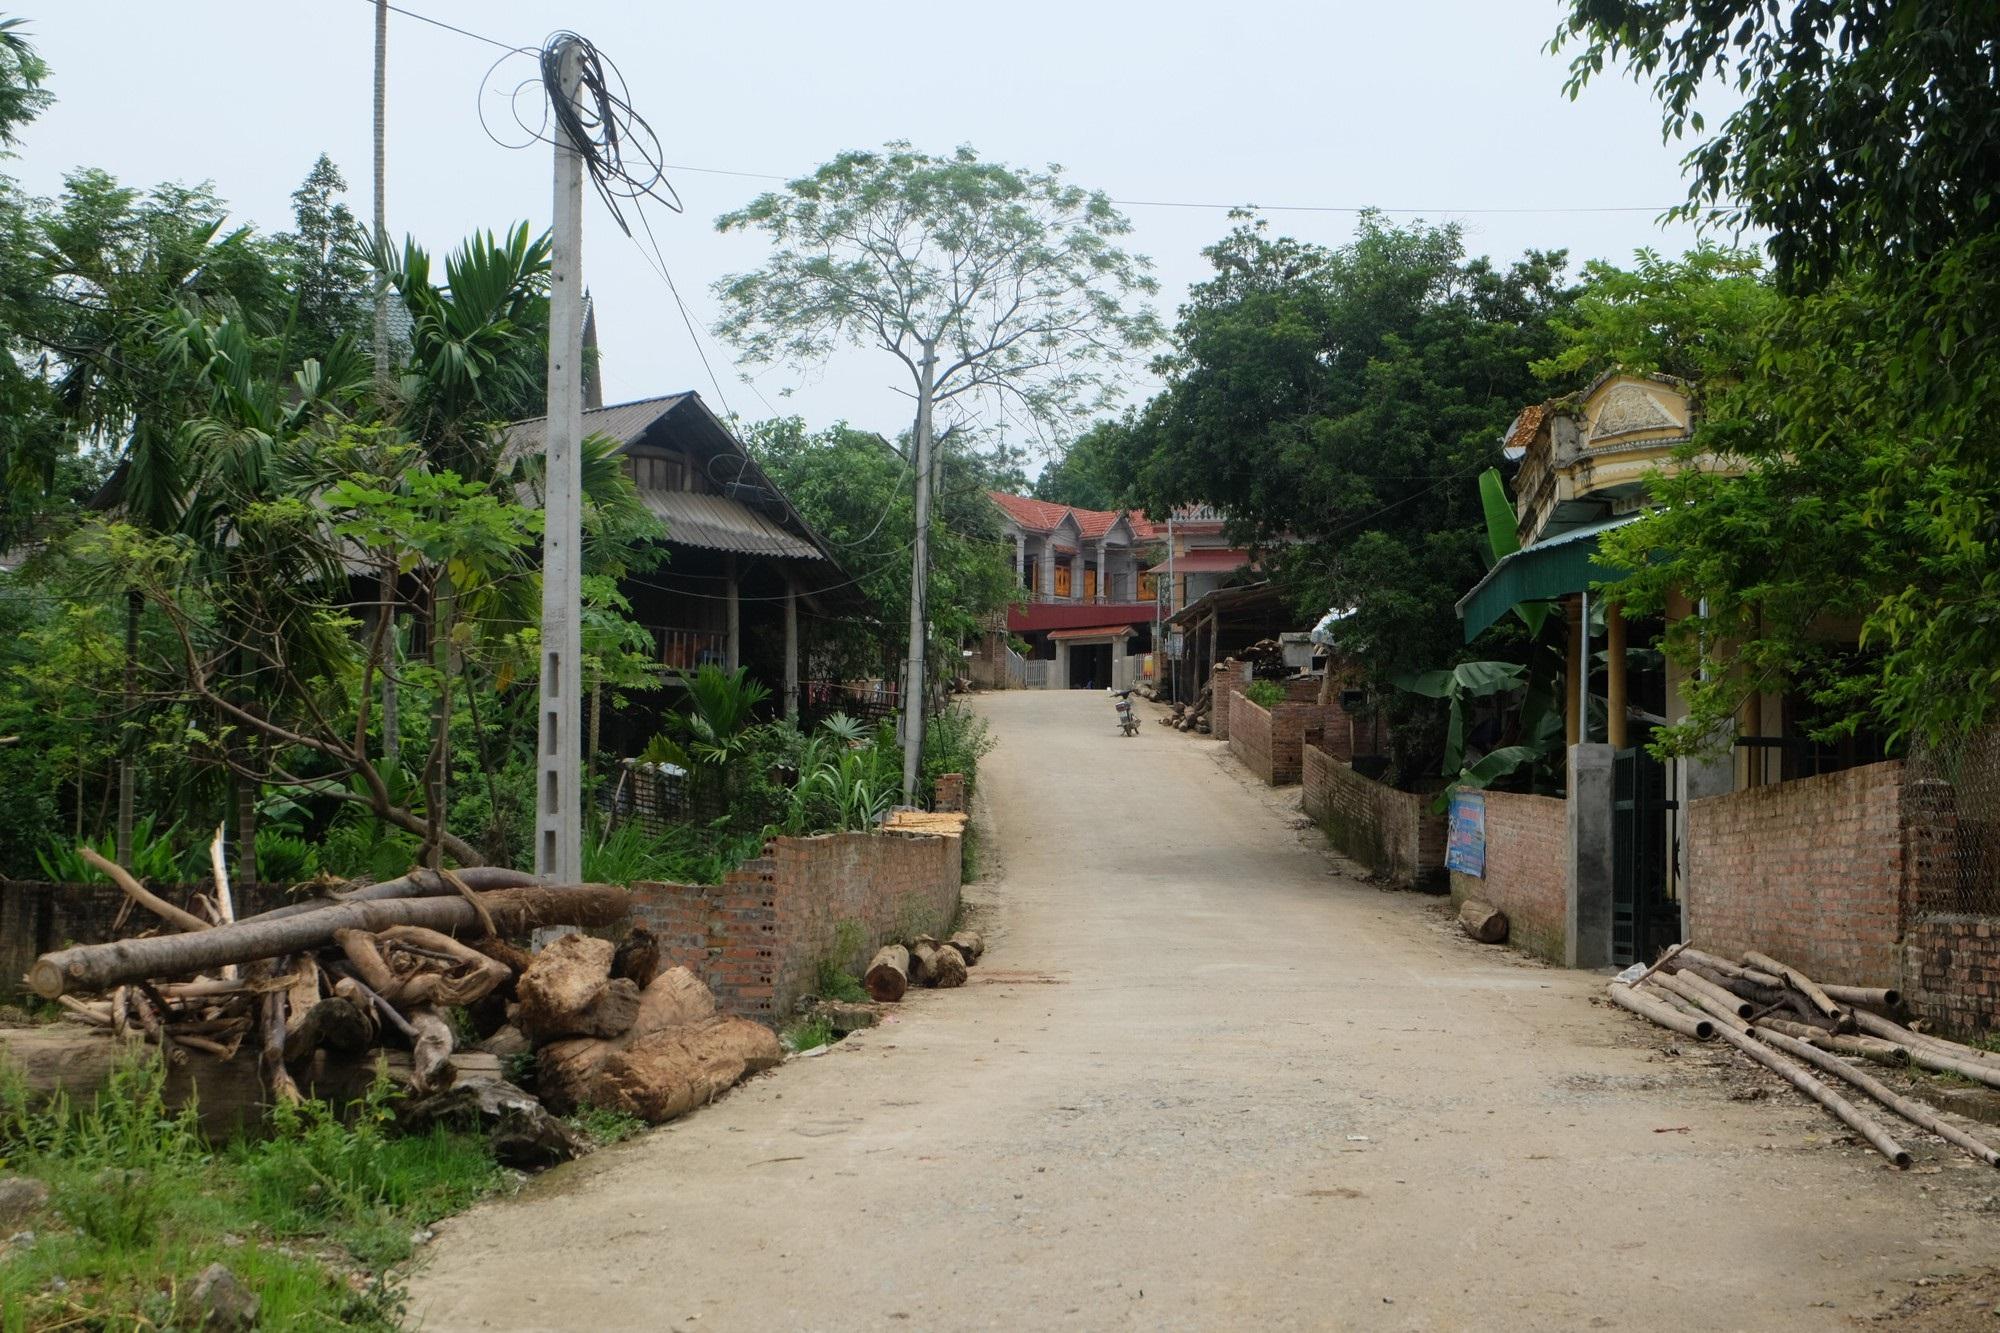 Vụ phát hiện hàng loạt ca nhiễm HIV ở Phú Thọ: Trên địa bàn xã Kim Thượng đã phát hiện 9 trường hợp nhiễm HIV từ nhiều năm trước - Ảnh 2